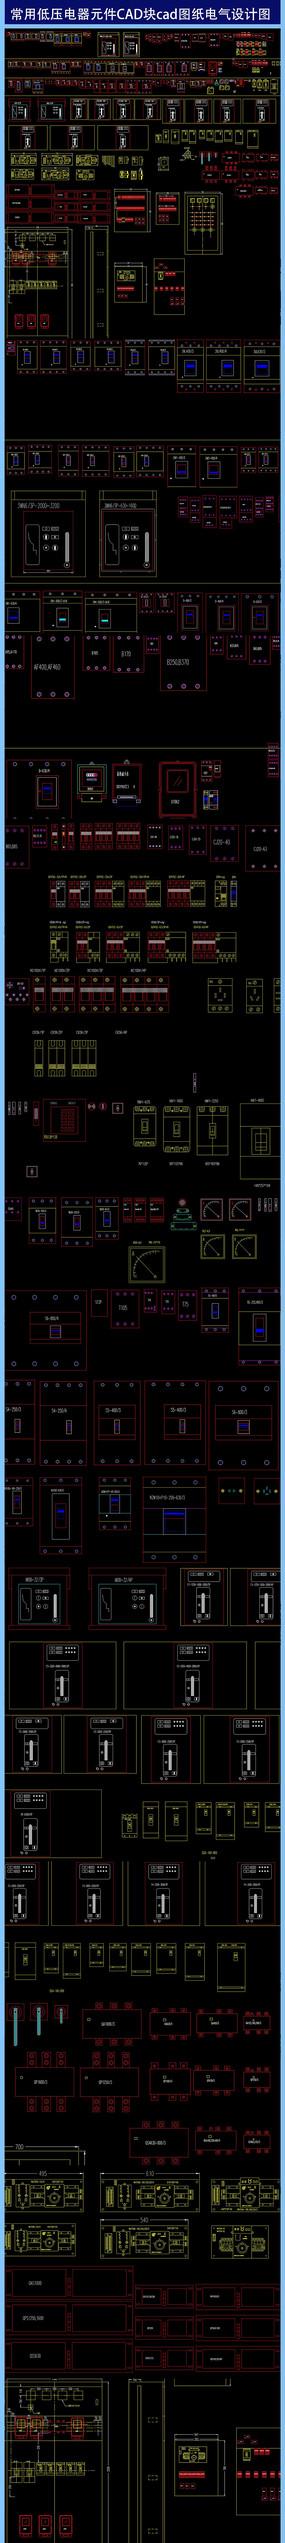 常用电气低压电器元件CAD图块设计图